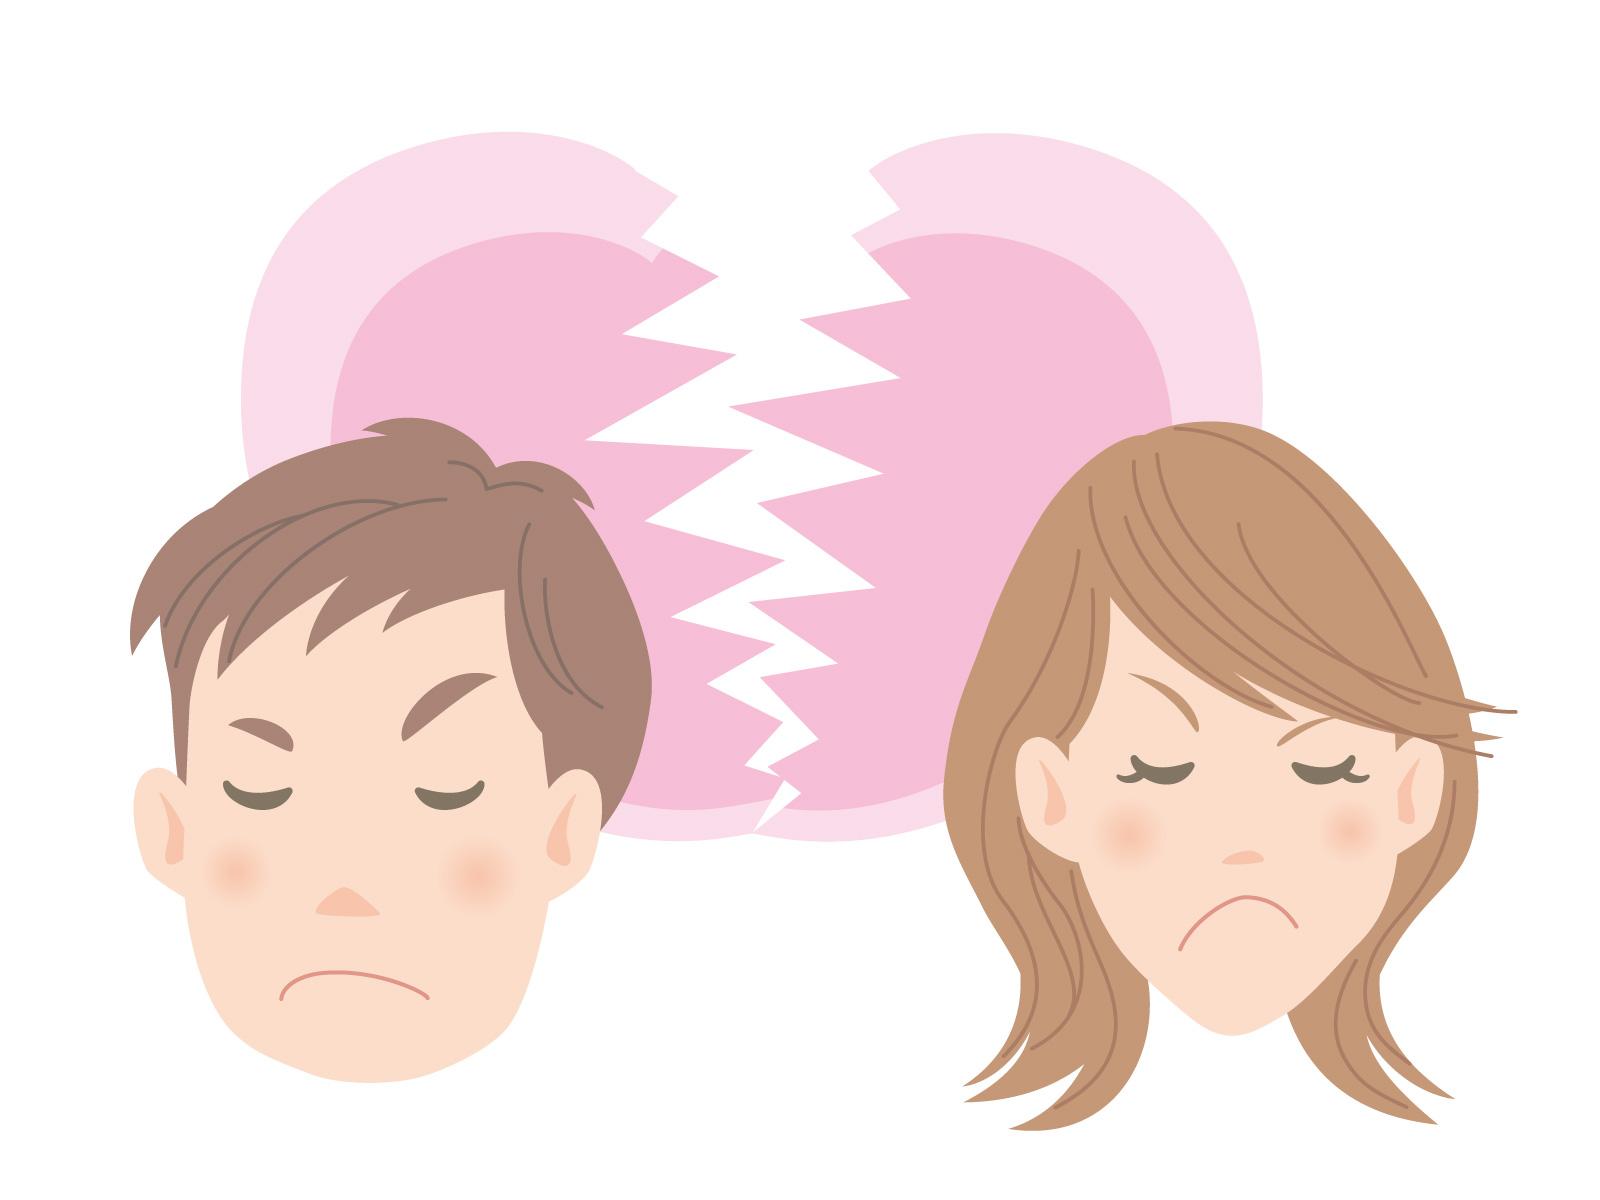 アメリカの離婚・再婚事情。元の奥さんと現在の奥さんがとても仲良し